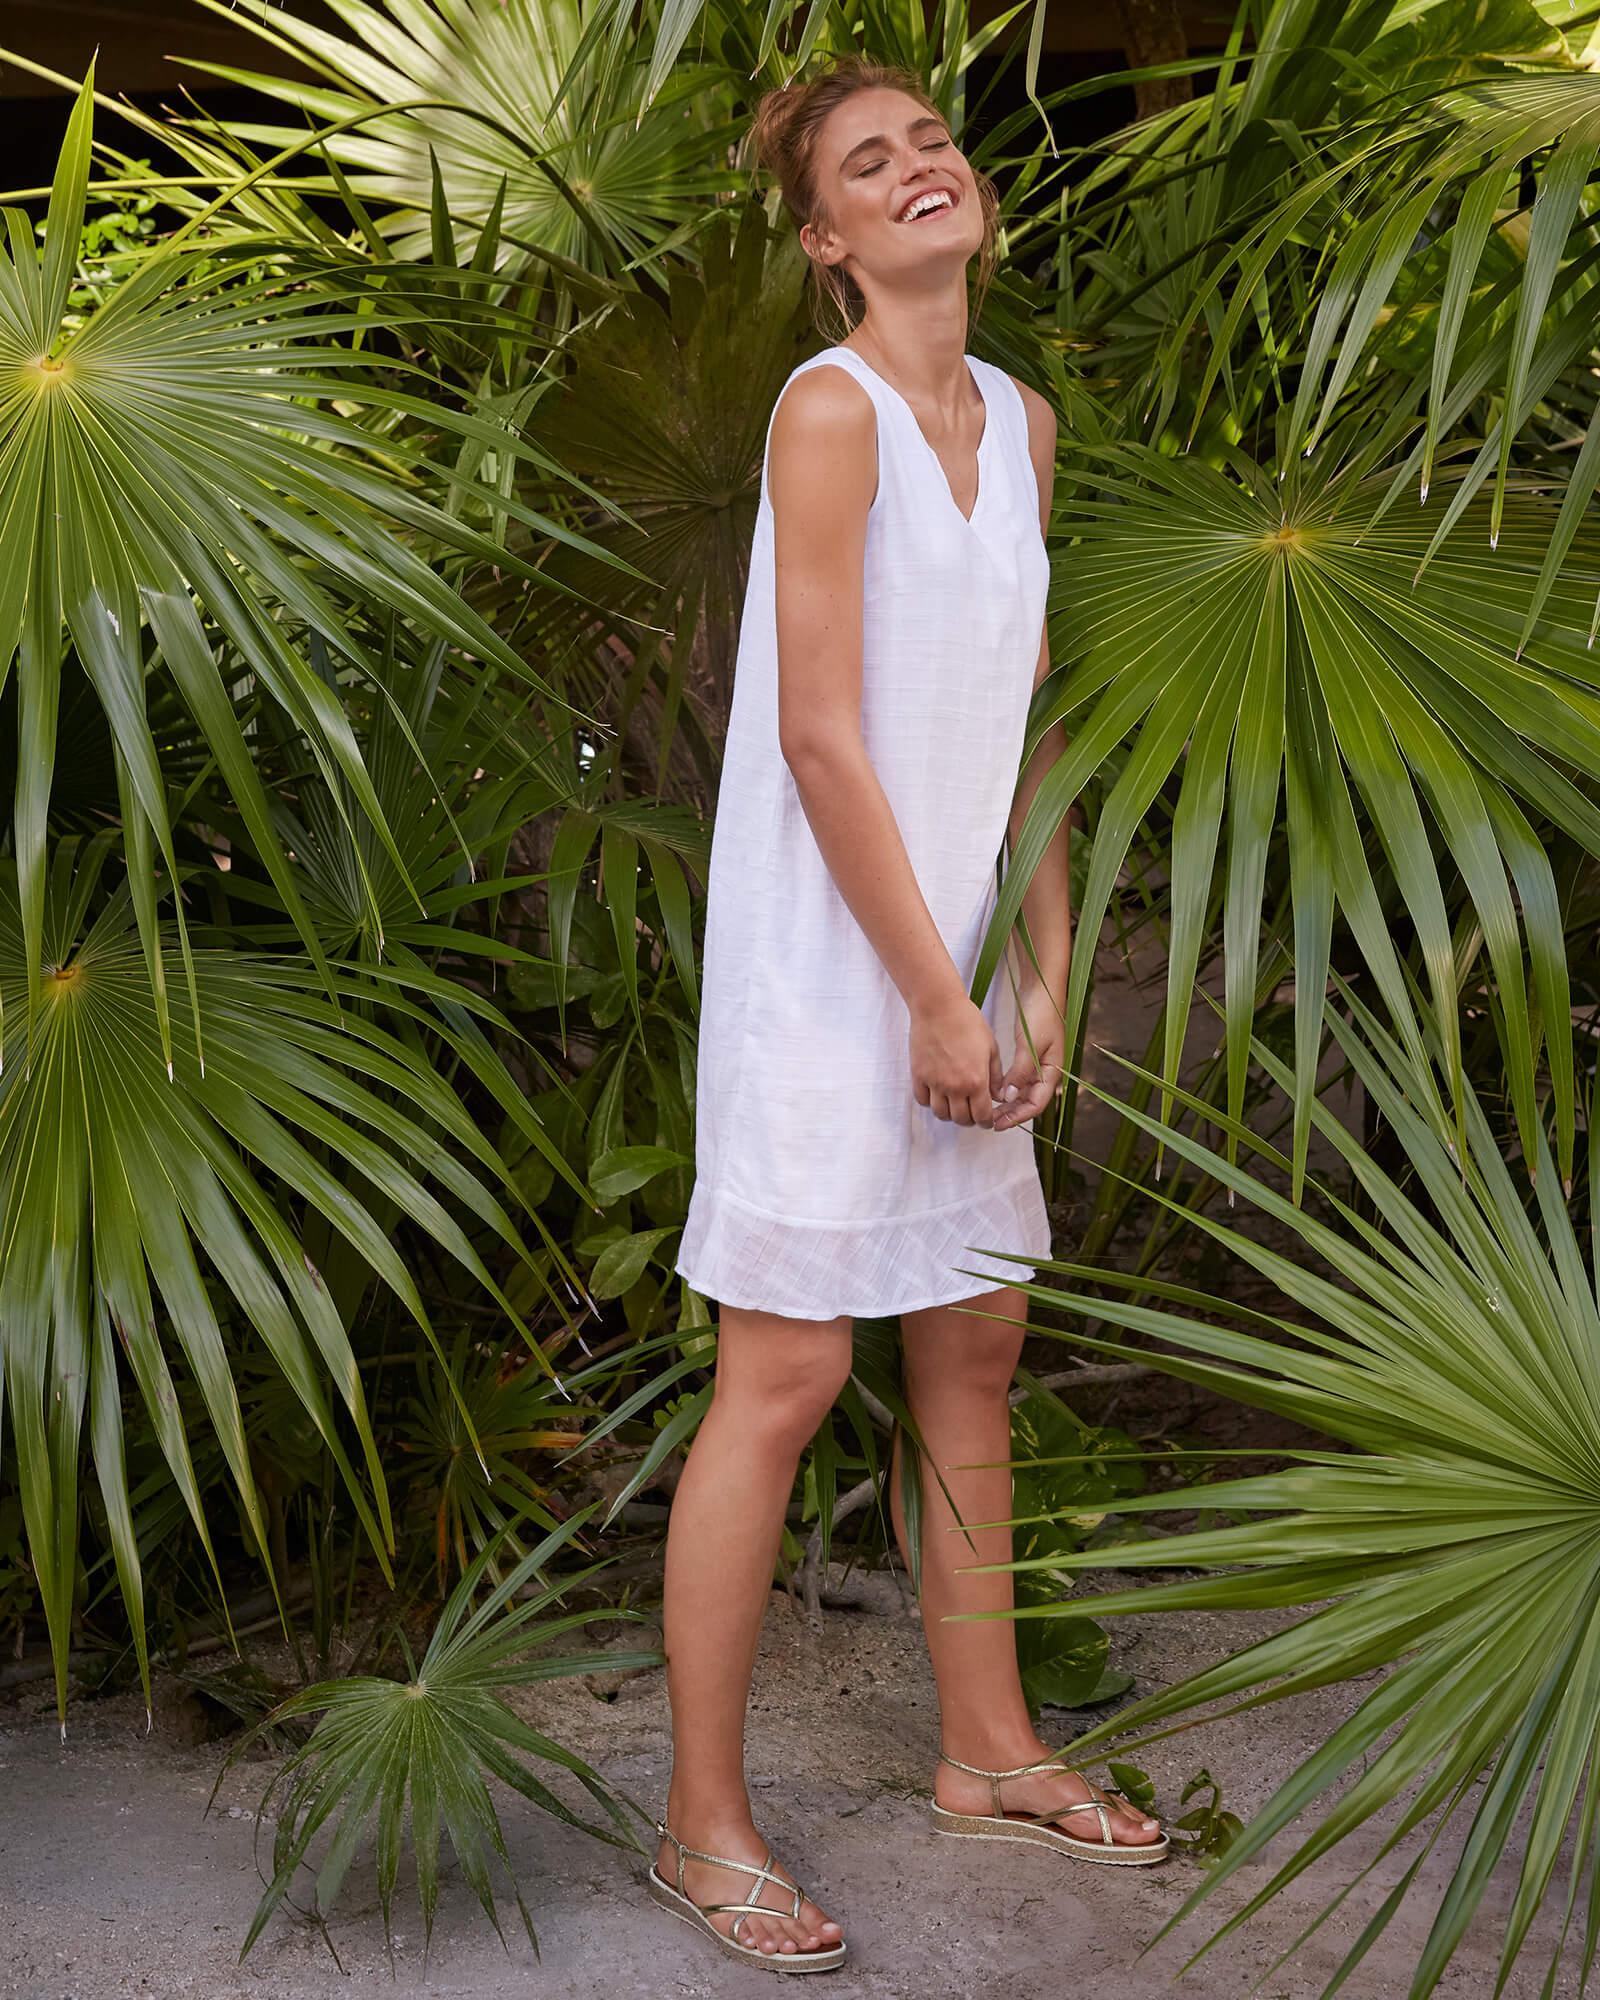 neue lieblingskleider für einen unendlich schönen sommer